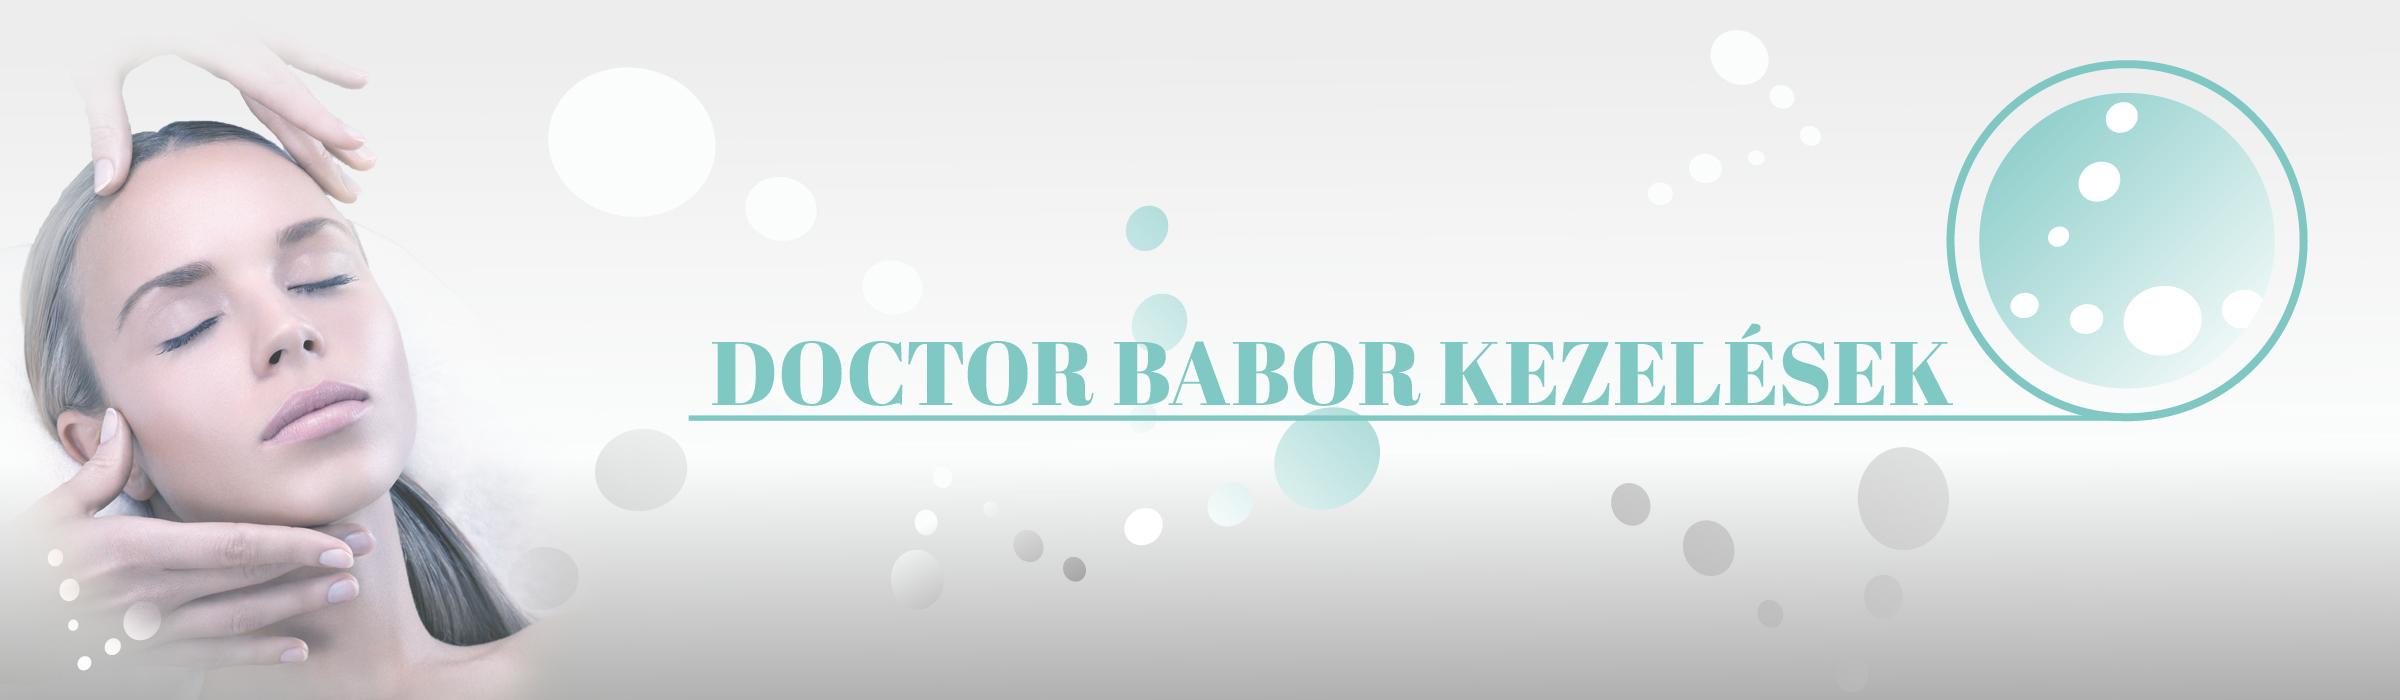 szolgáltatások slider kép doctor babor kezelés